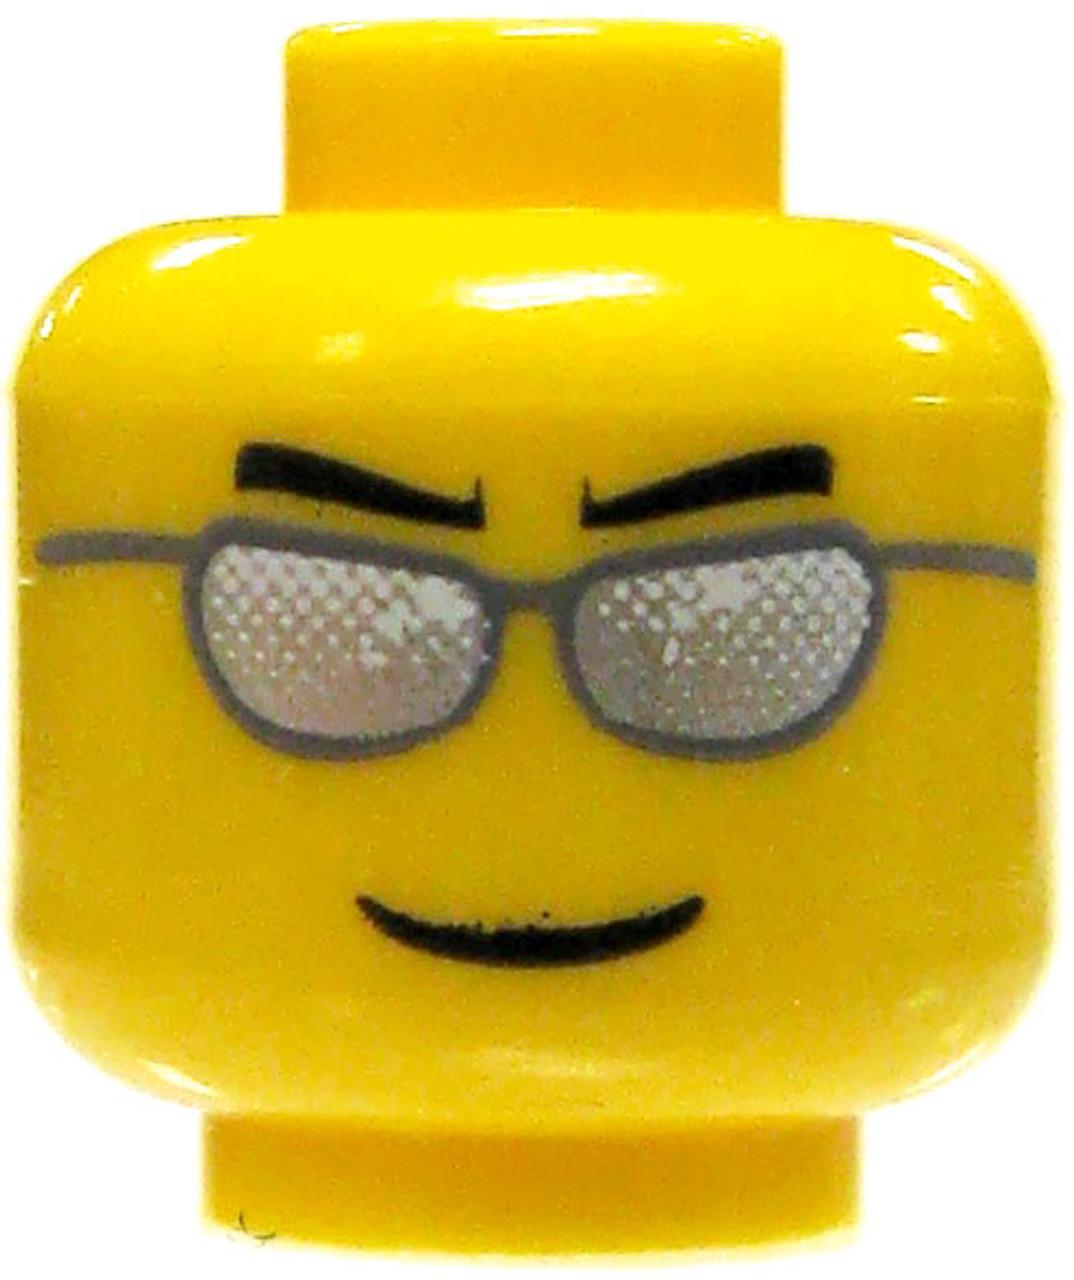 3847 LEGO Accessoire Minifig Epée Sword chevalier castle Choose Model